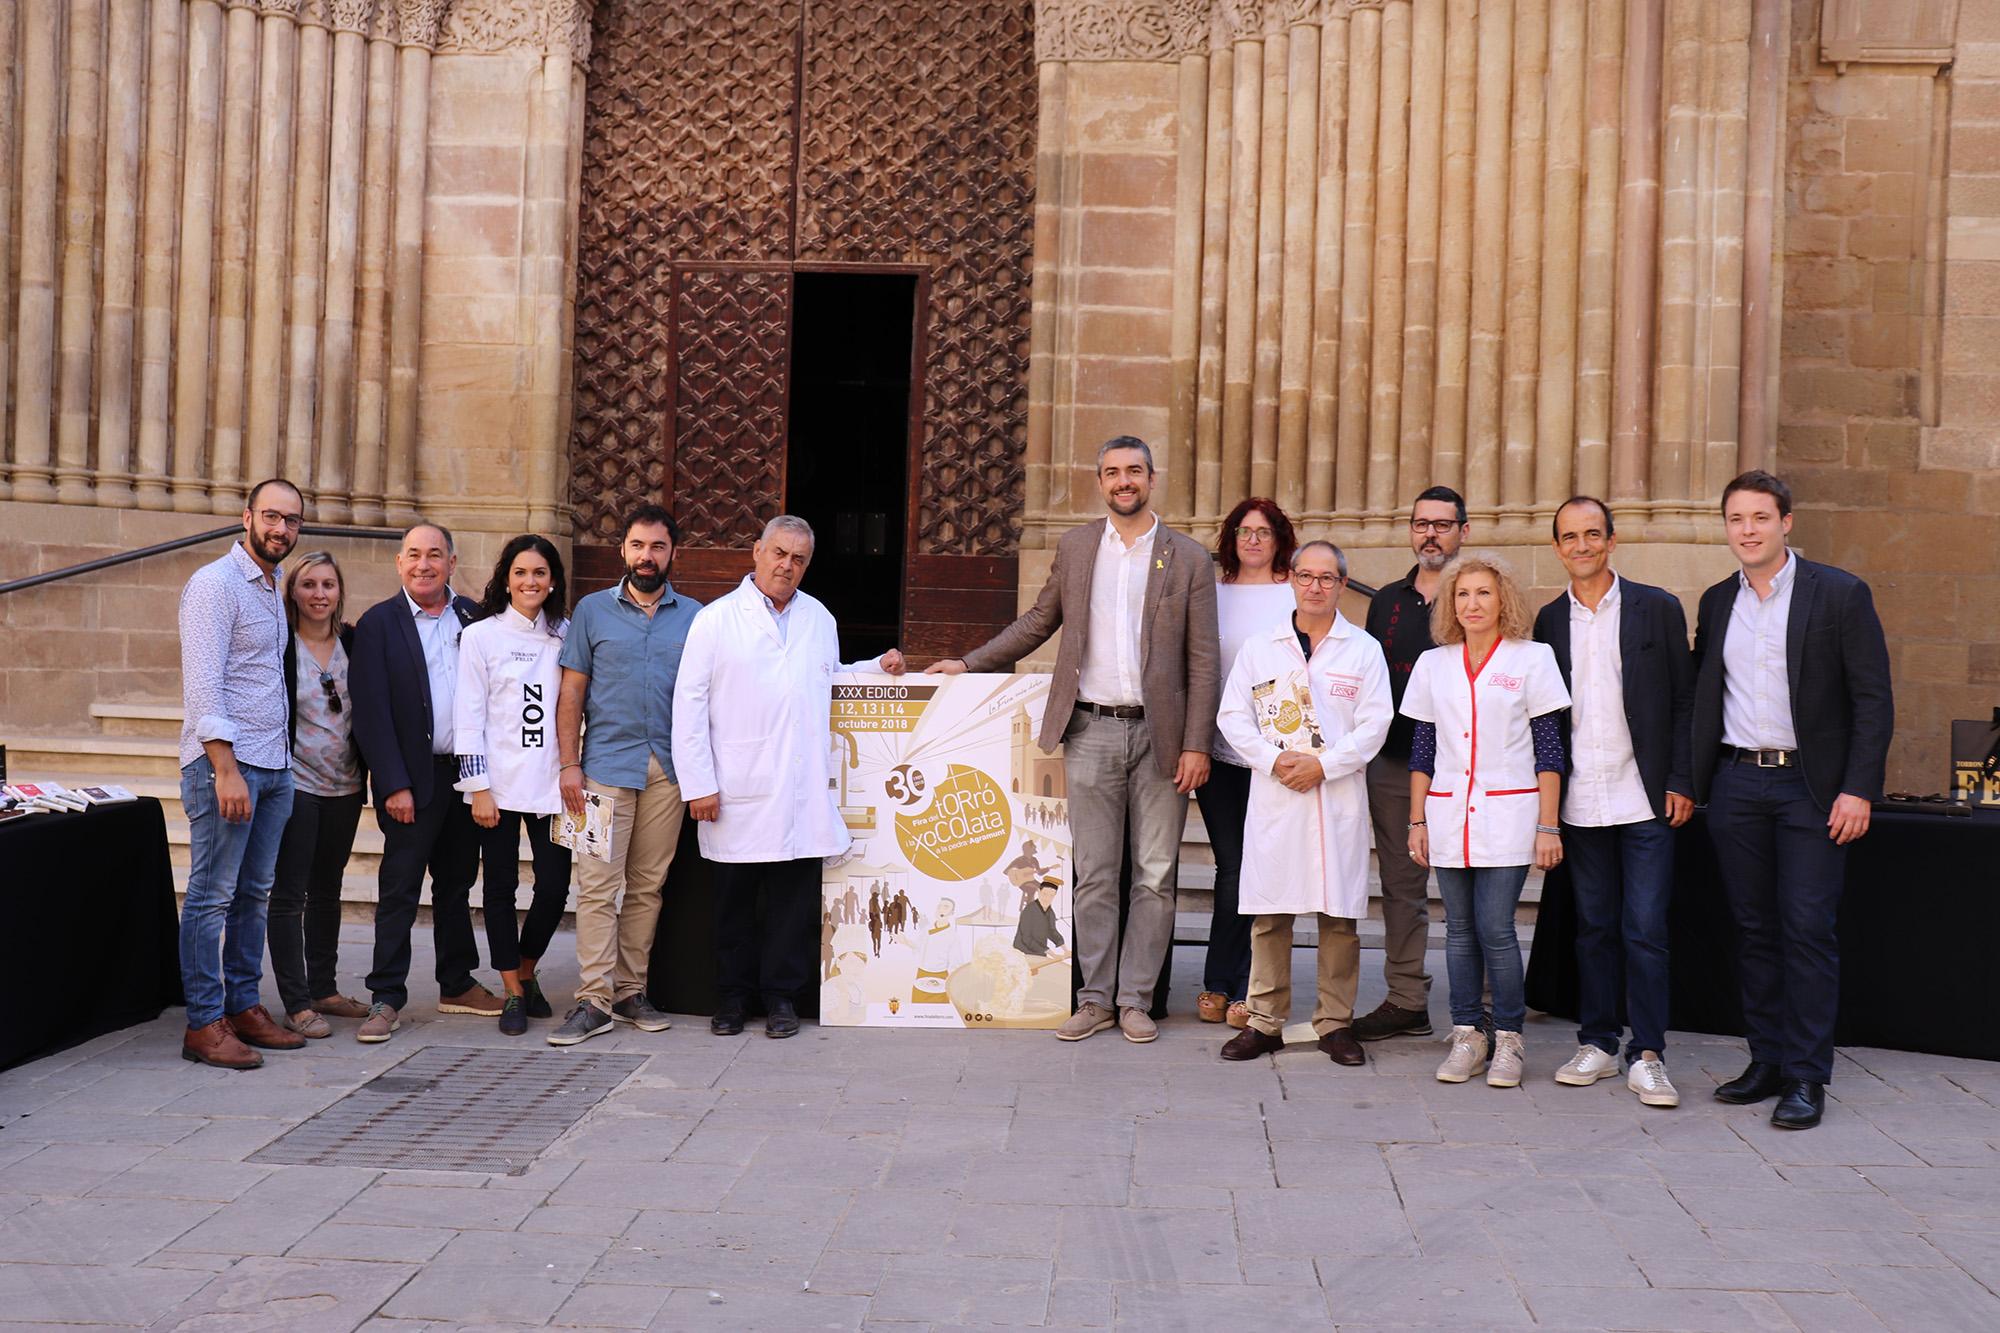 La Fira del Torró i la Xocolata a la Pedra d'Agramunt celebra 30 anys